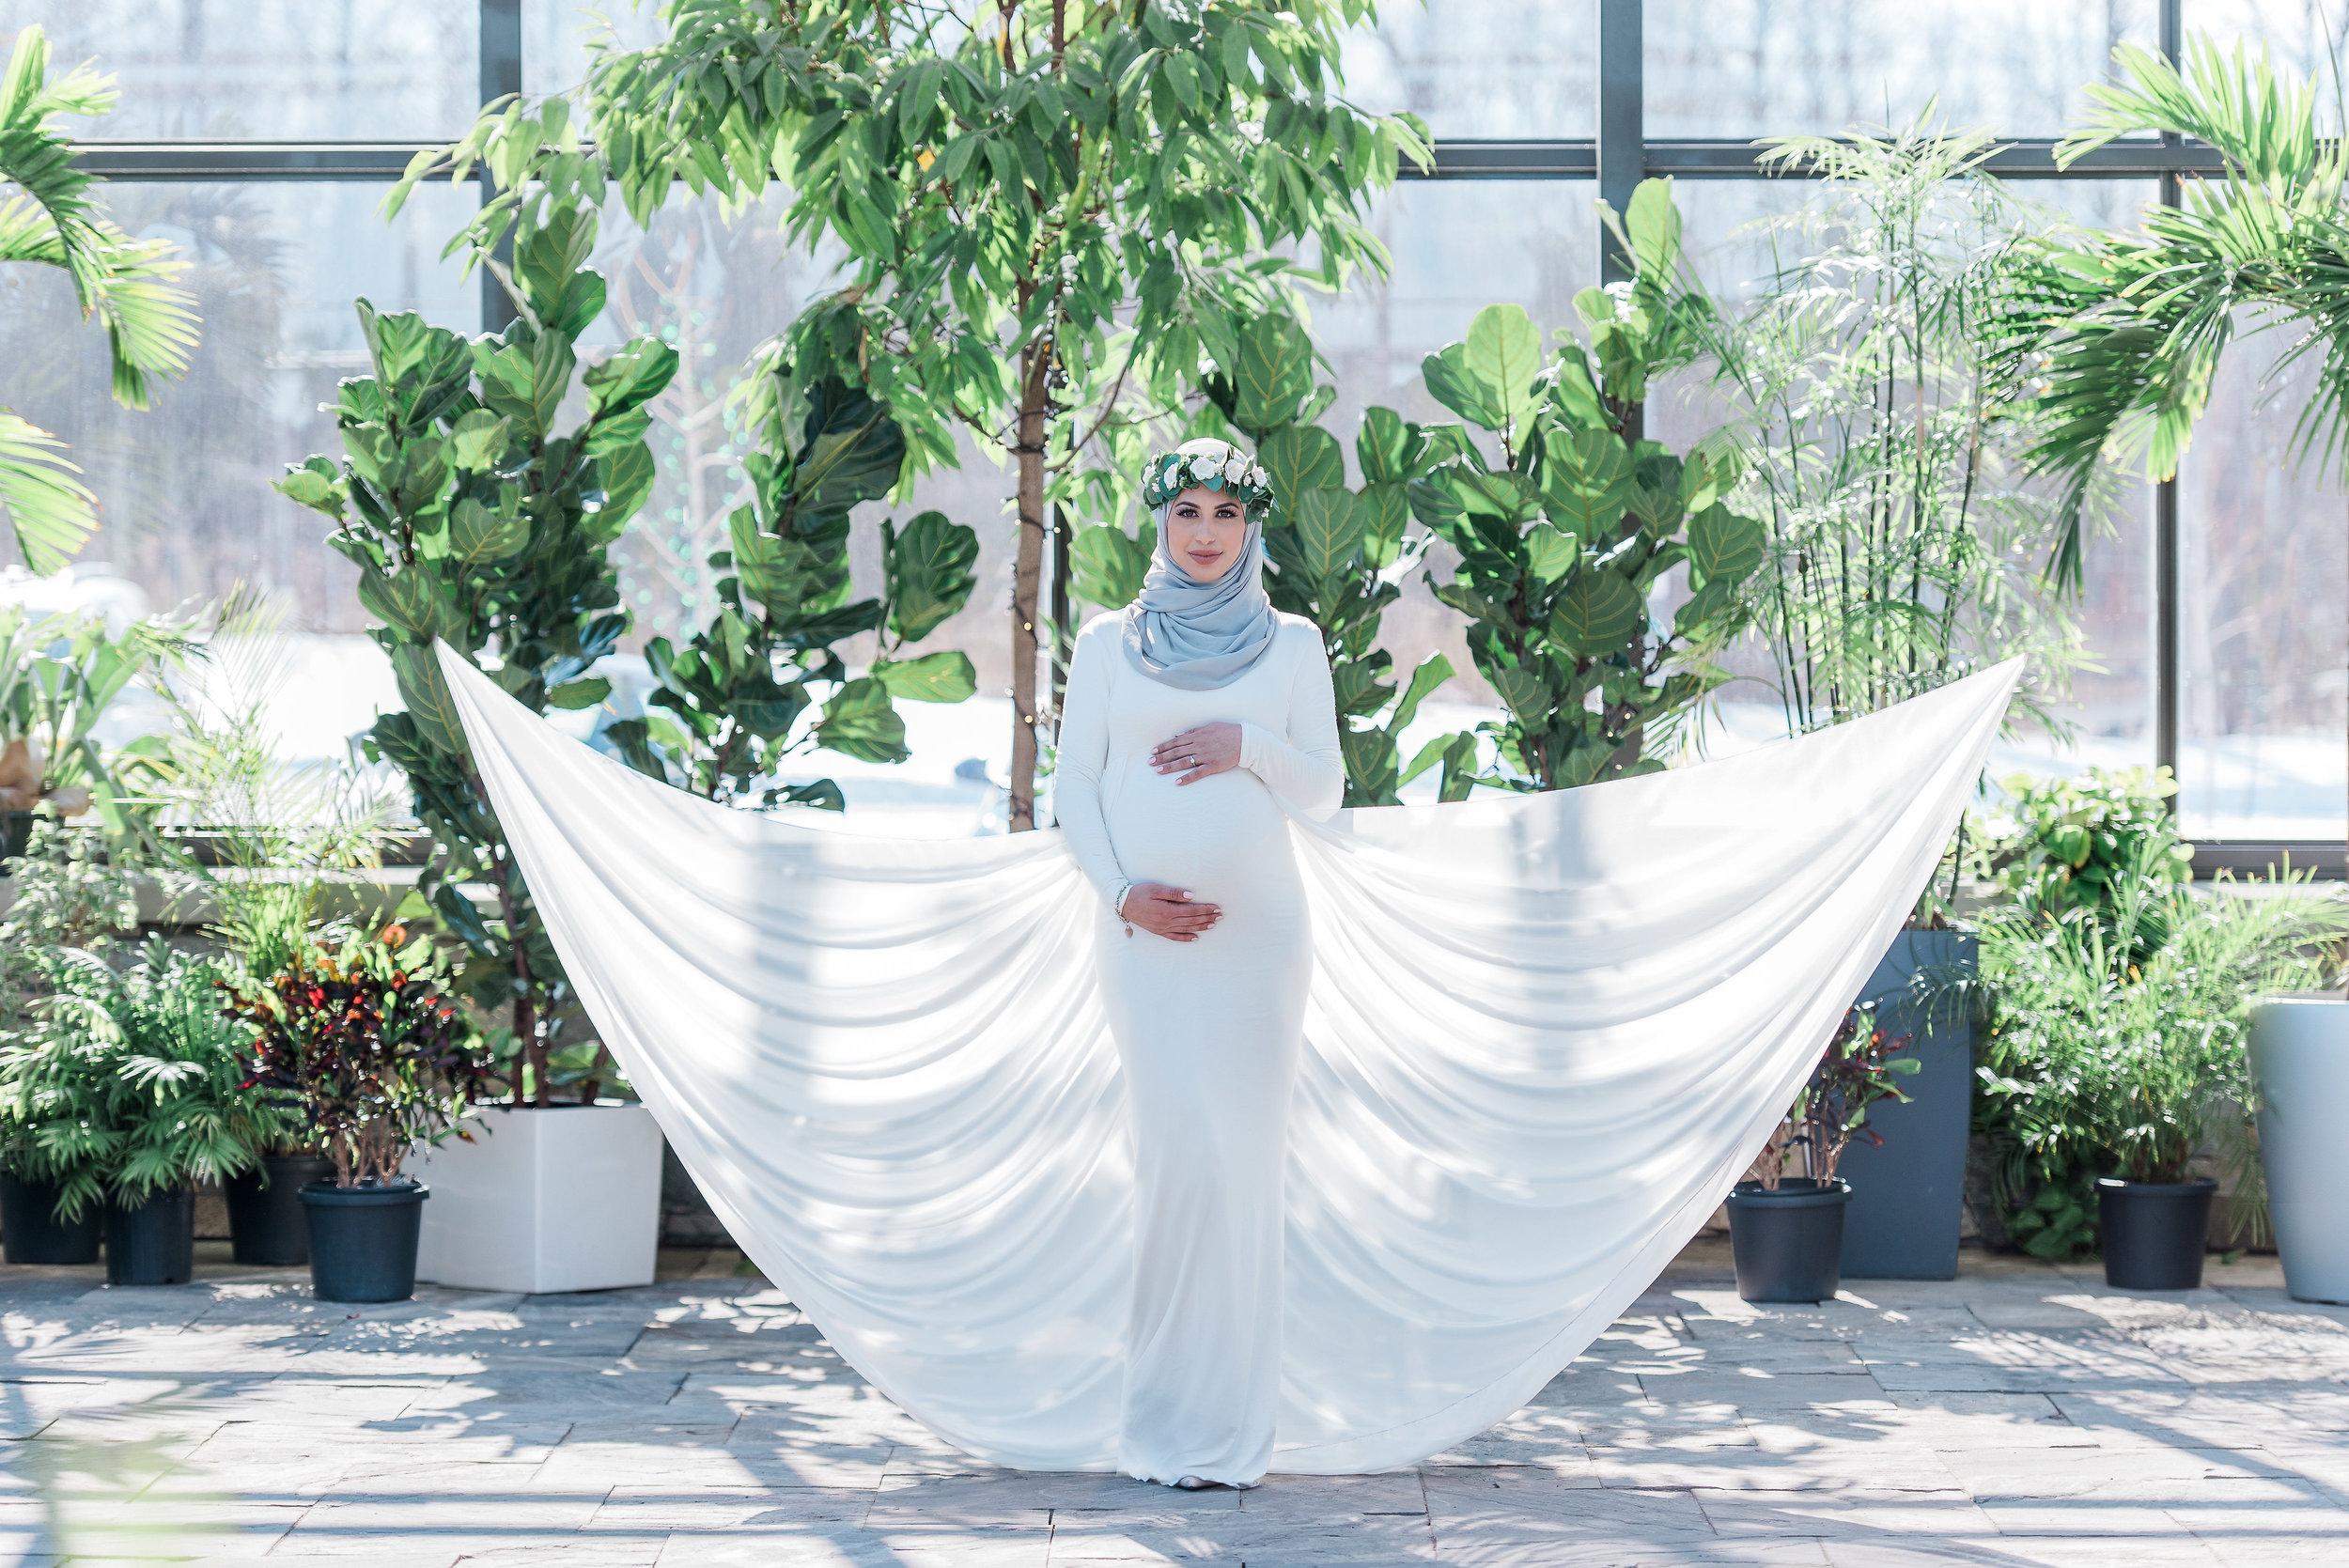 Tehaili_Hanan_Maternity_WhiteDress_Photoshoot.jpg